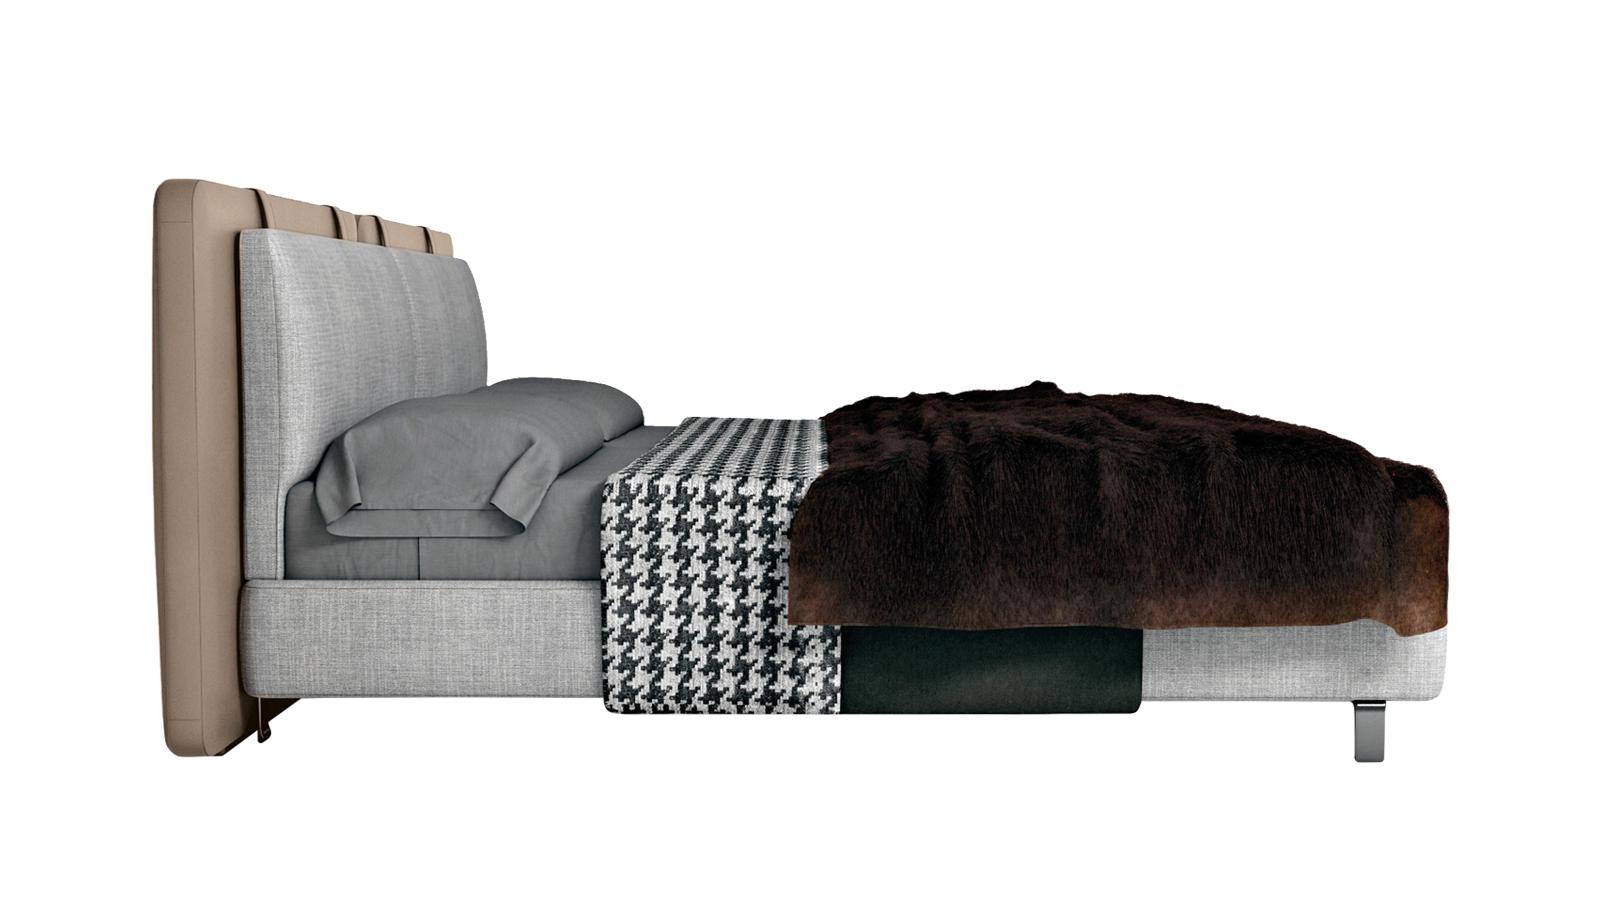 A Minotti Tatlin ágya a csúcsminőségű bőrbútorok atmoszféráját idézi mesteri, precíz kézműves kivitelezésével. A lágy vonalak és a gondosan megválasztott anyagok finom eleganciát hoznak létre. Az ágy elszigetelő magasított fejtámlának köszönhetően privát és nyugodt tere az alvásnak, a támlára rögzített bőrszíj pántok pedig a biztonságérzetet erősítik használójában. A Tatlin a meghittség tárgyi megtestesítője - pillanatok alatt otthonos és lakályos lesz tőle a hálószoba.